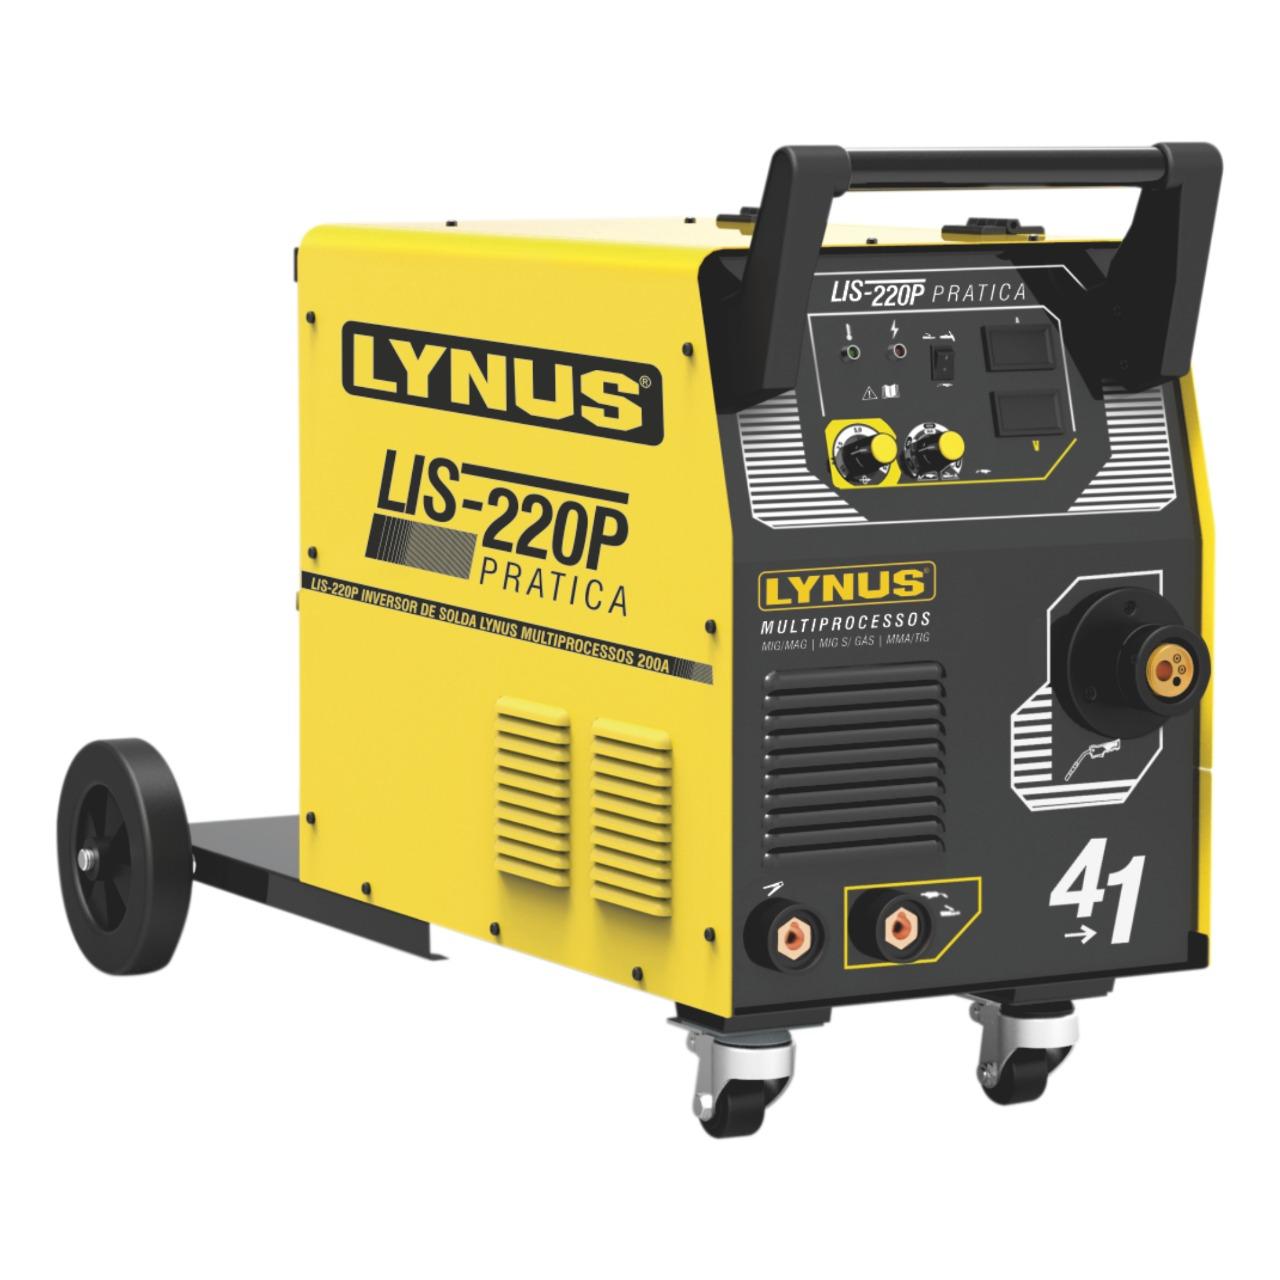 Inversora de Solda Multiprocessos 200A 220V LIS-220P - Lynus